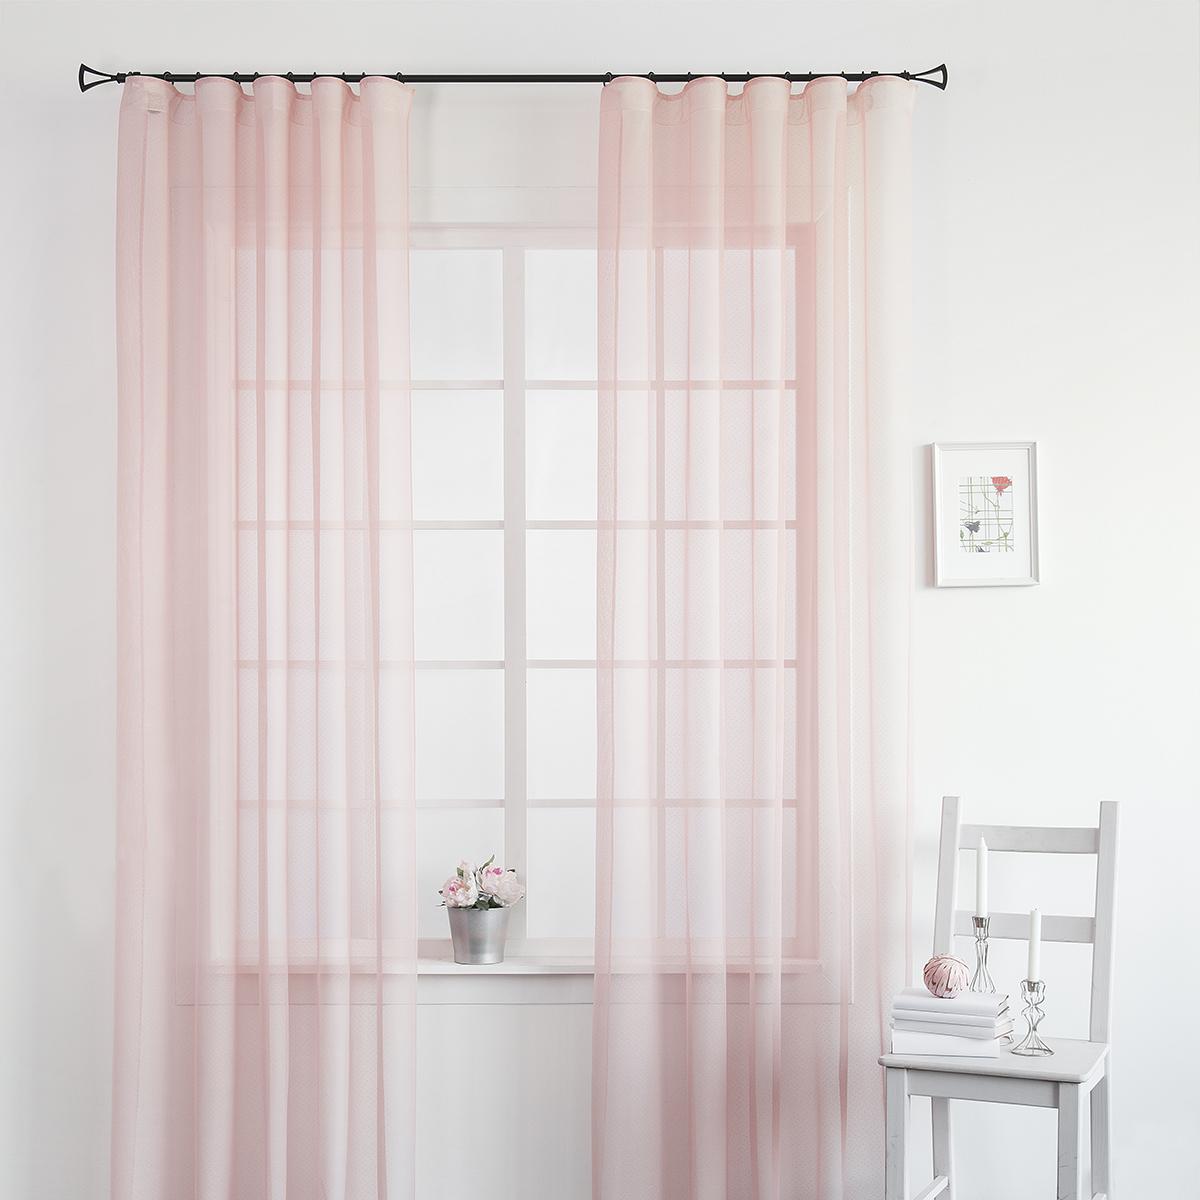 Купить Шторы MOLLY, Классические шторы Майа Цвет: Розовый, Россия, Тюль